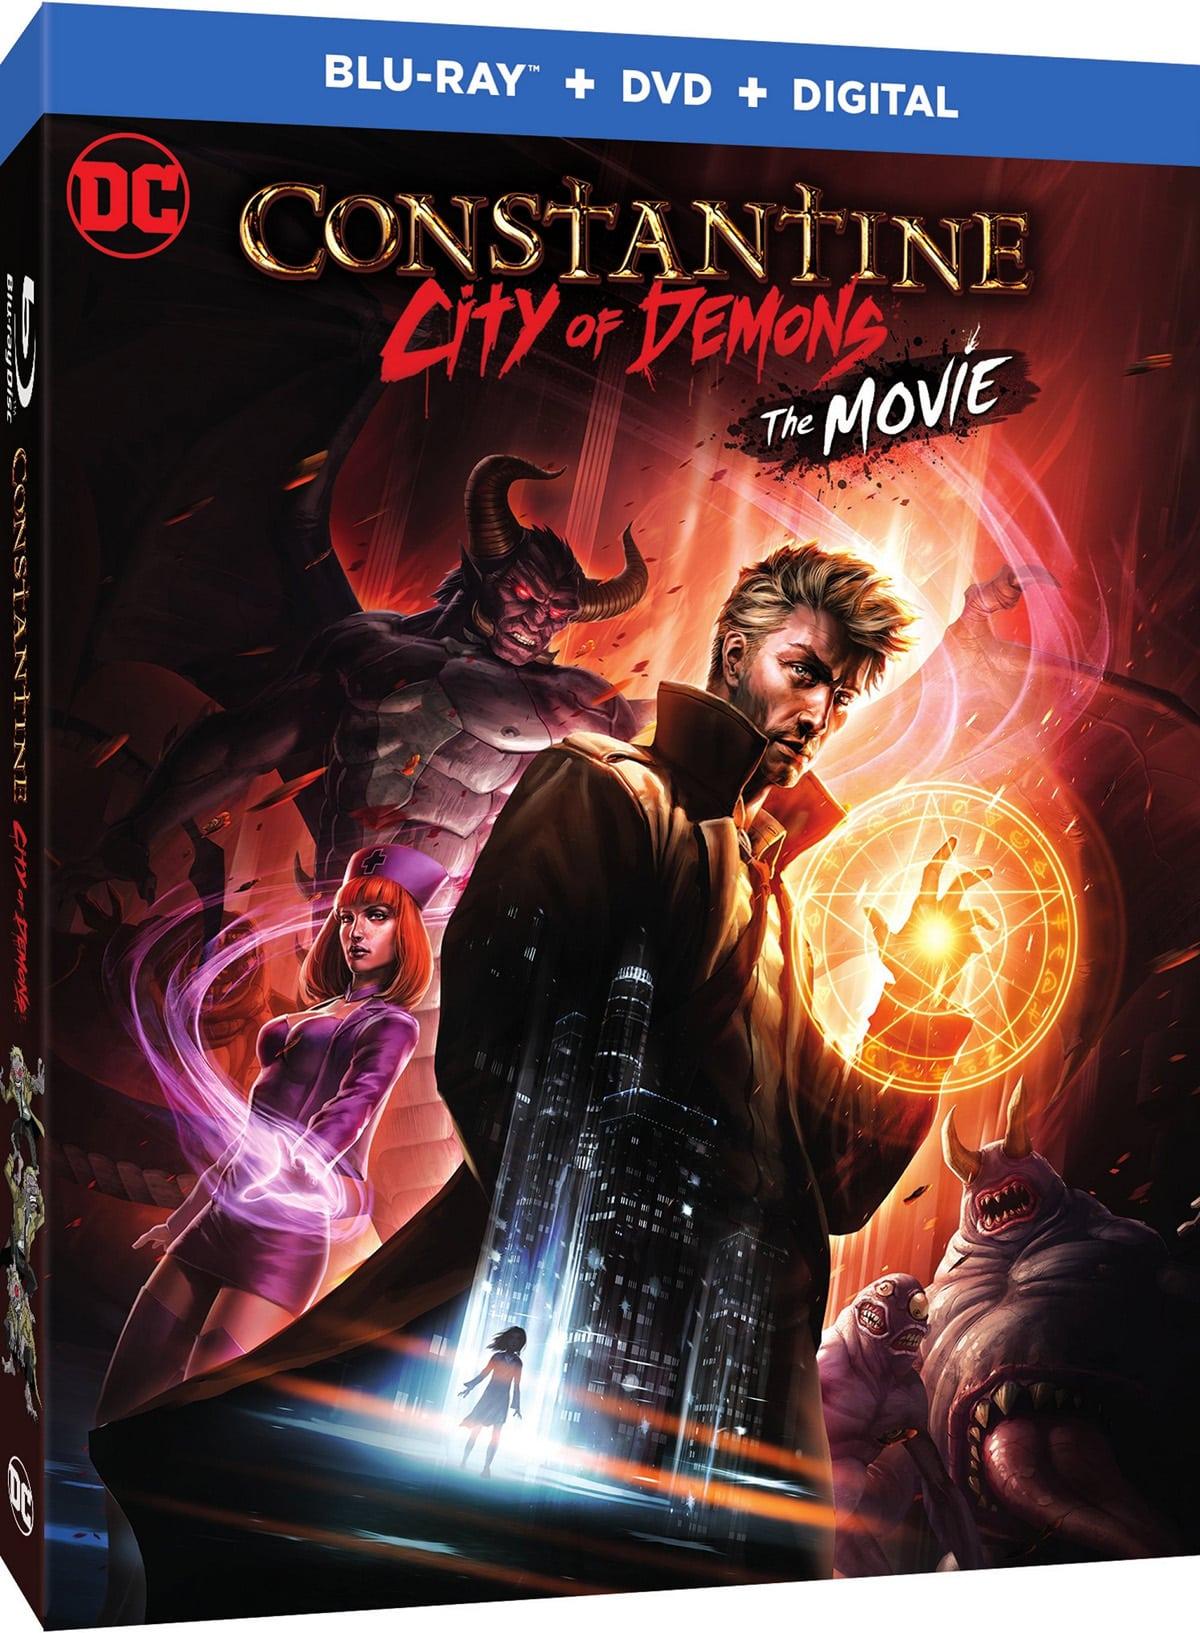 Detalles de Blu-ray de Constantine: City of Demons revelados, nuevo tráiler lanzado